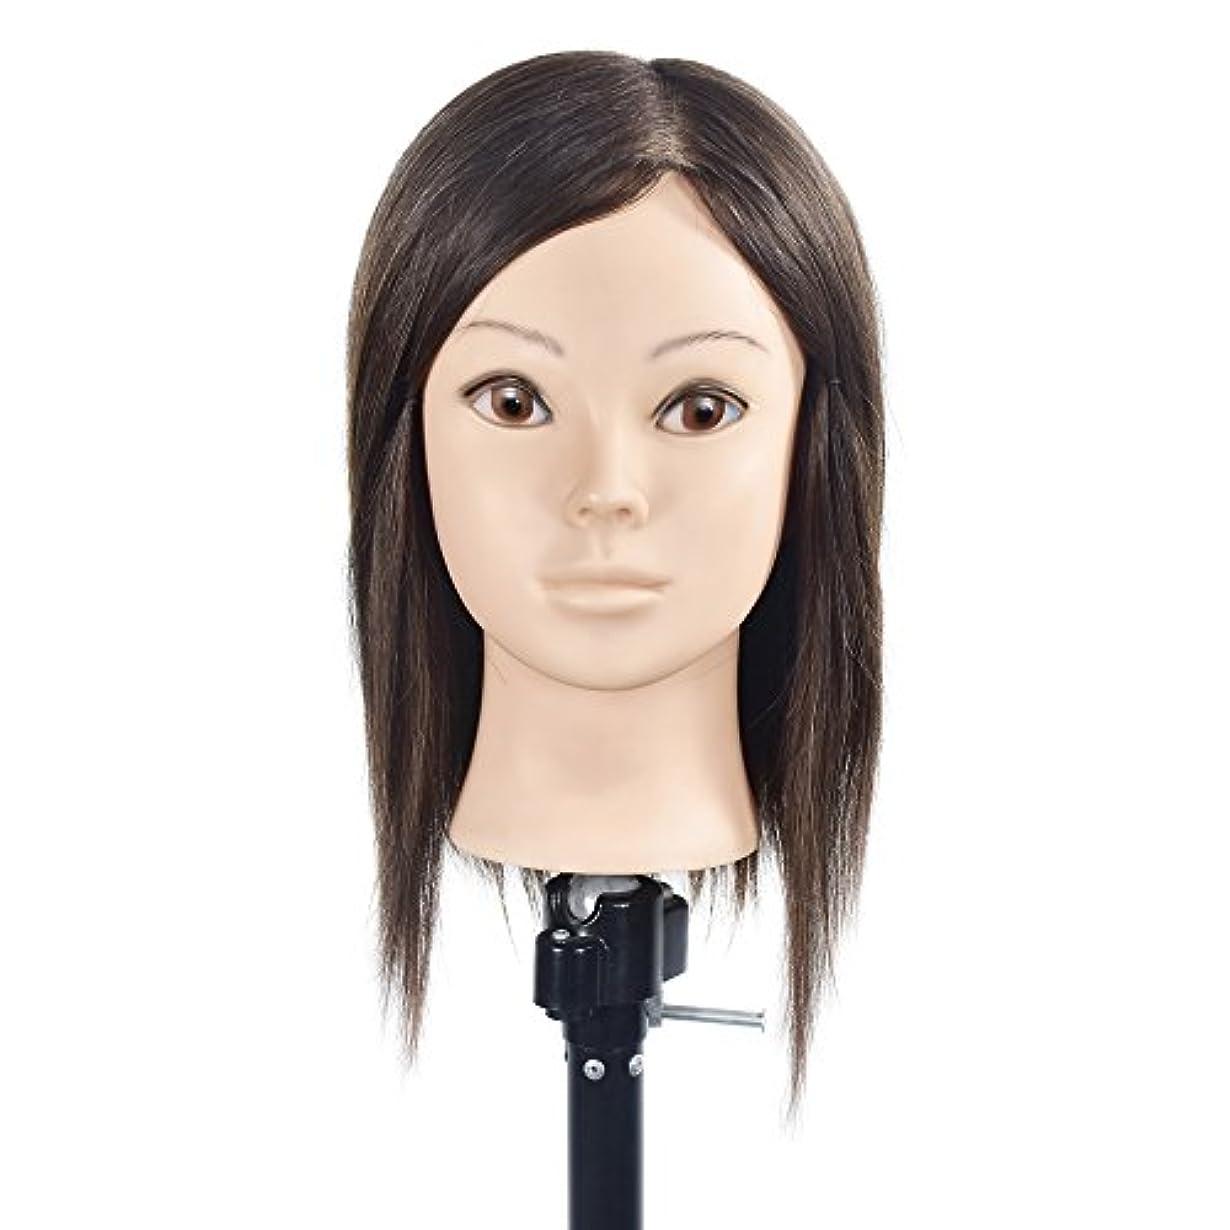 腐敗したダンス弁護士トレーニングヘッド美容師100%リアルヒューマンヘアスタイリングマニアックマネキン人形(フリーテーブルクランプ付)